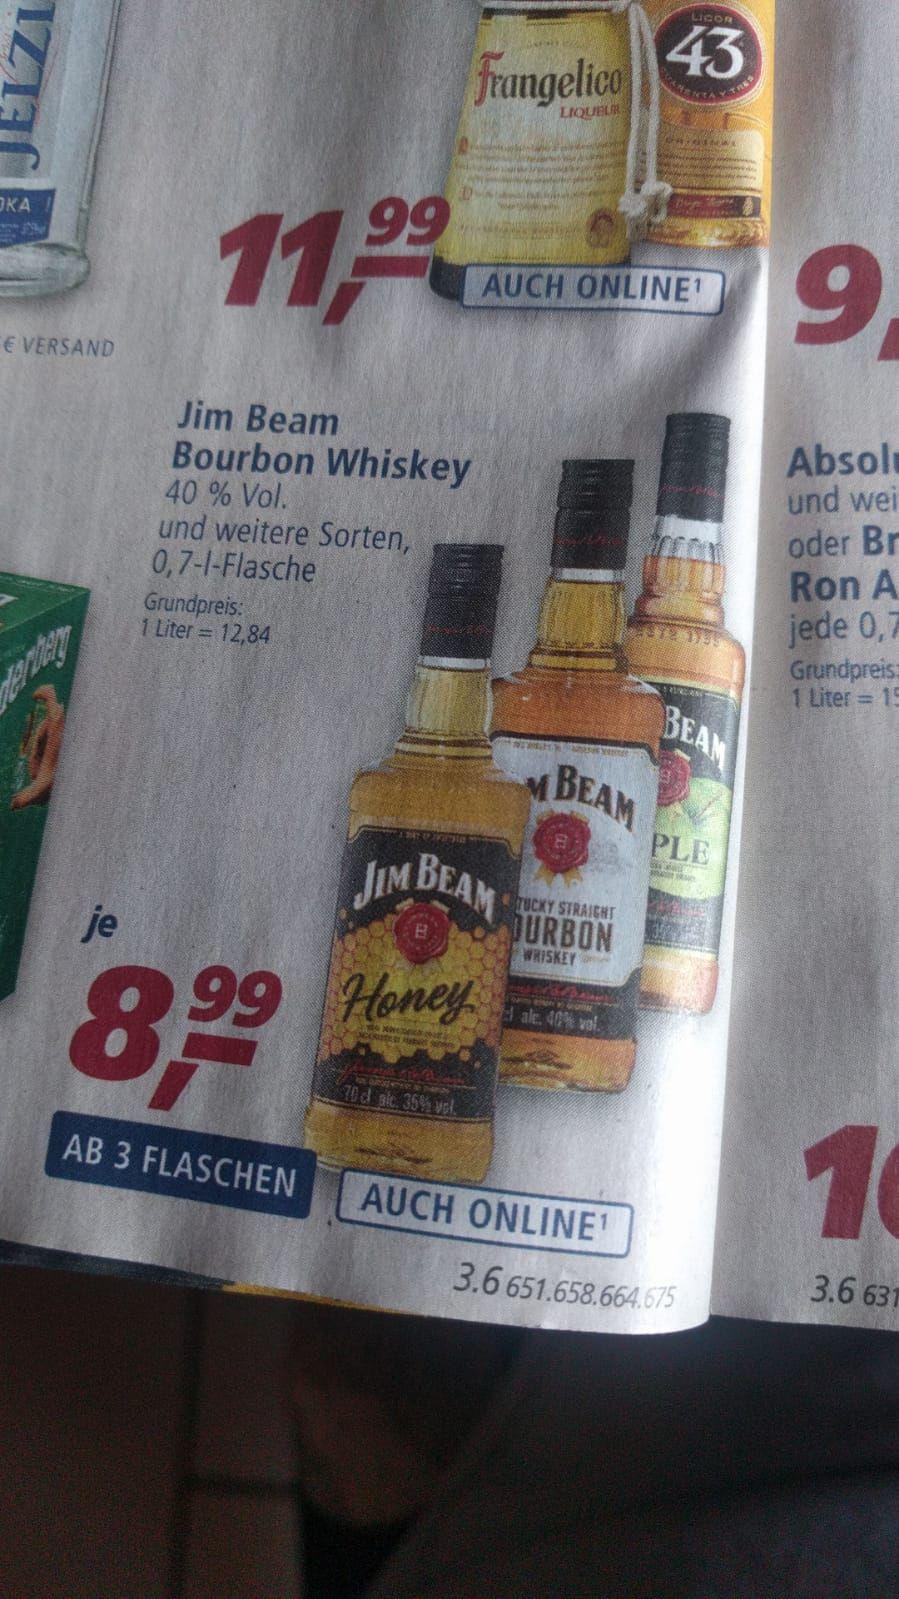 [Real] Jim beam whiskey 3 ver. Sorten für je 8.99€ab 3 flaschen